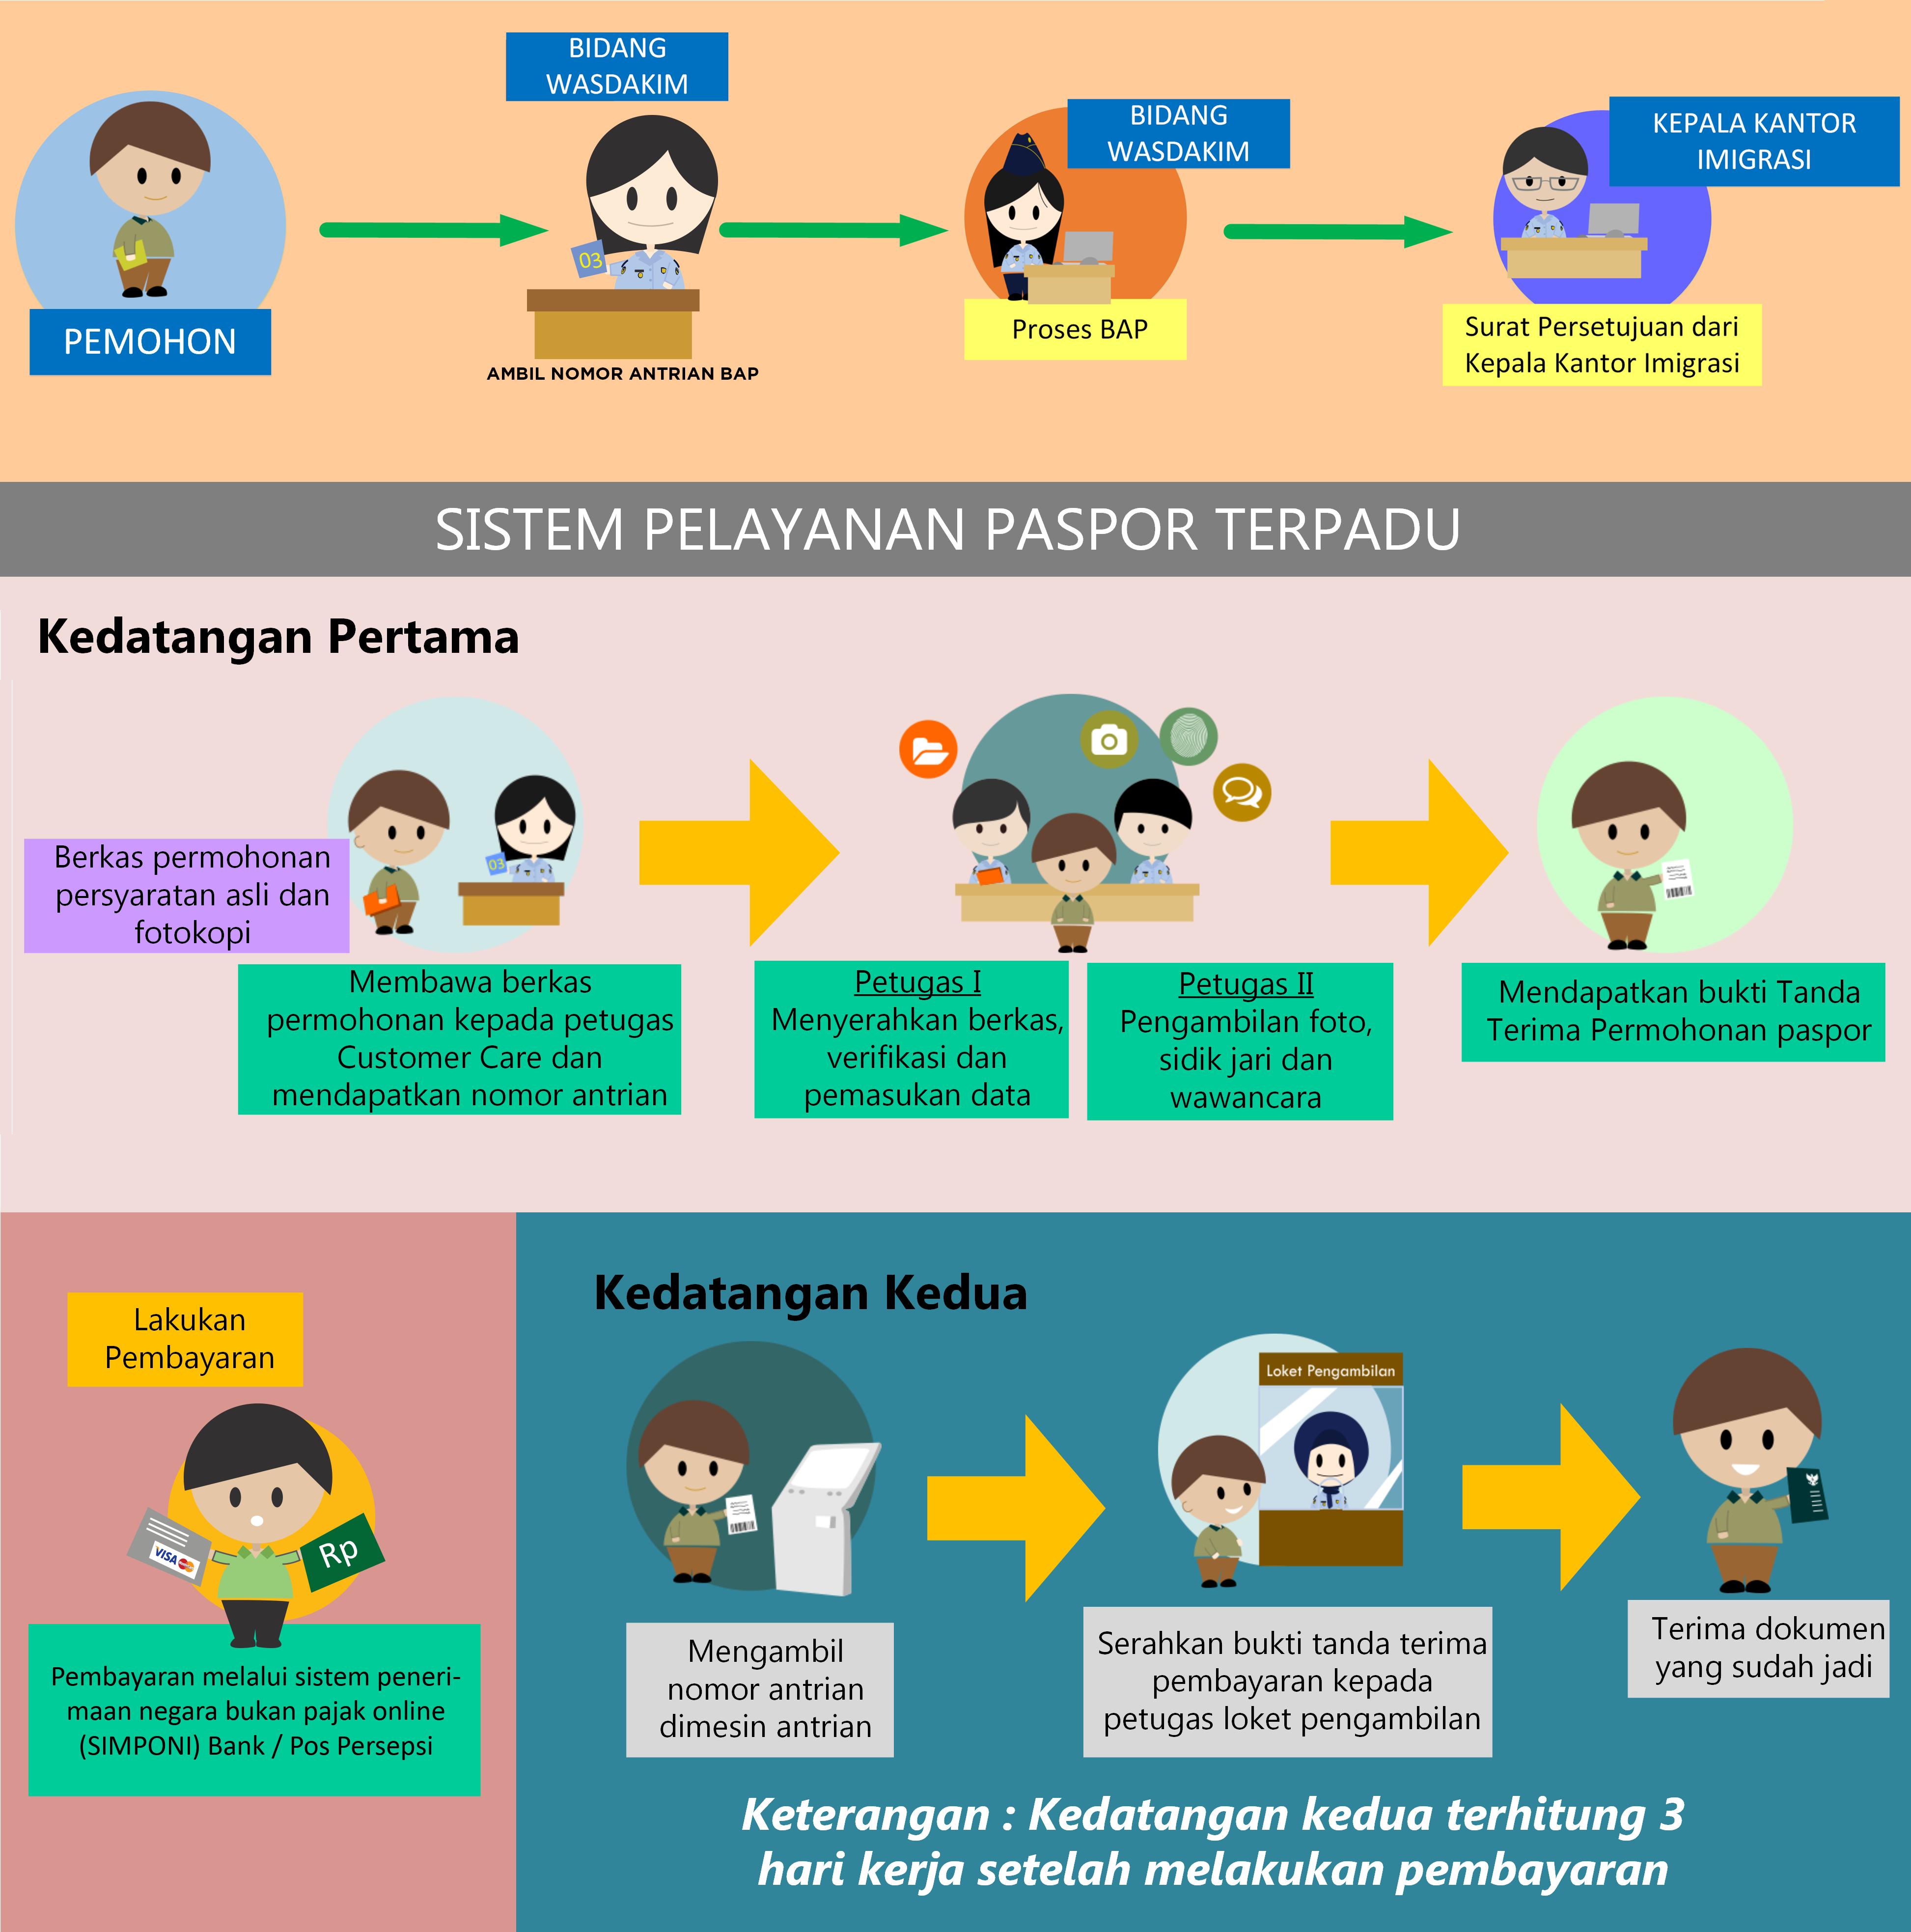 Imigrasi Tangerang Paspor